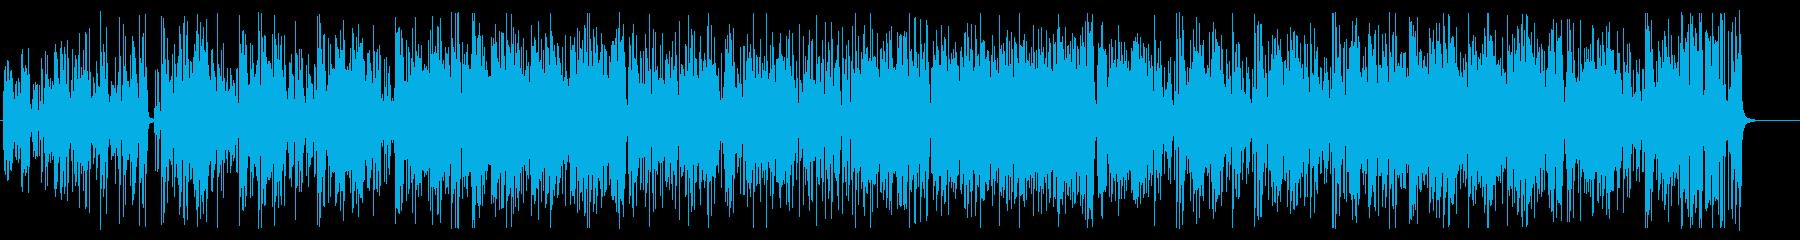 エレキギターメインのフュージョンの再生済みの波形